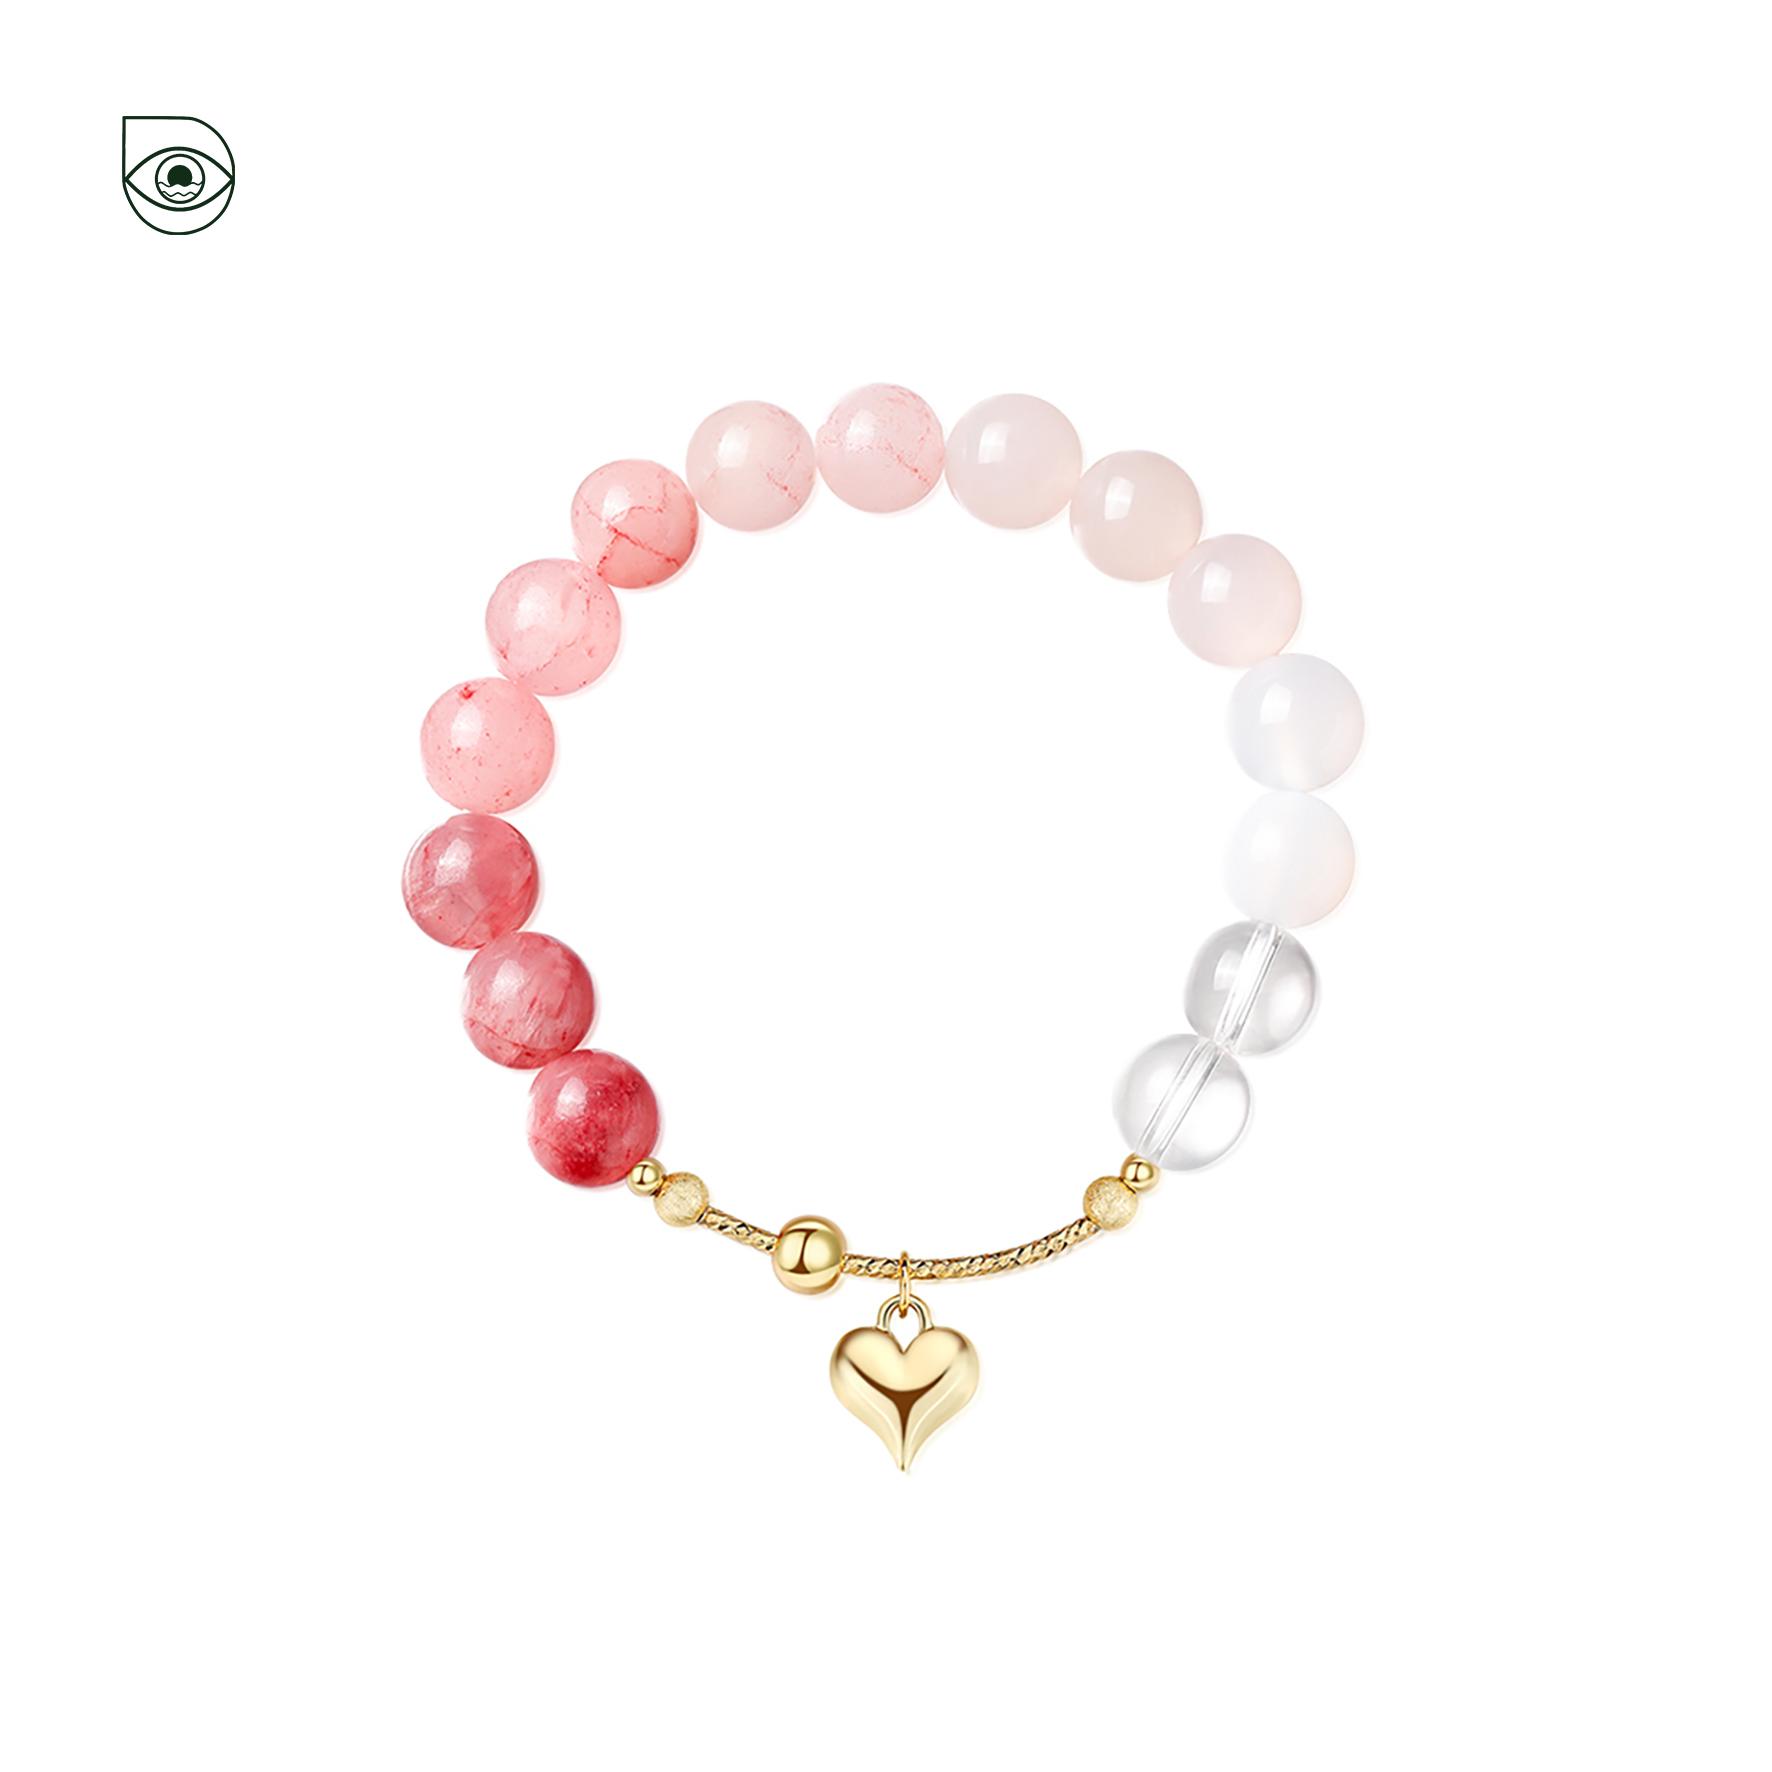 汐之酡颜招桃花手链粉色渐变水晶ins原创小众设计款女转运珠手串